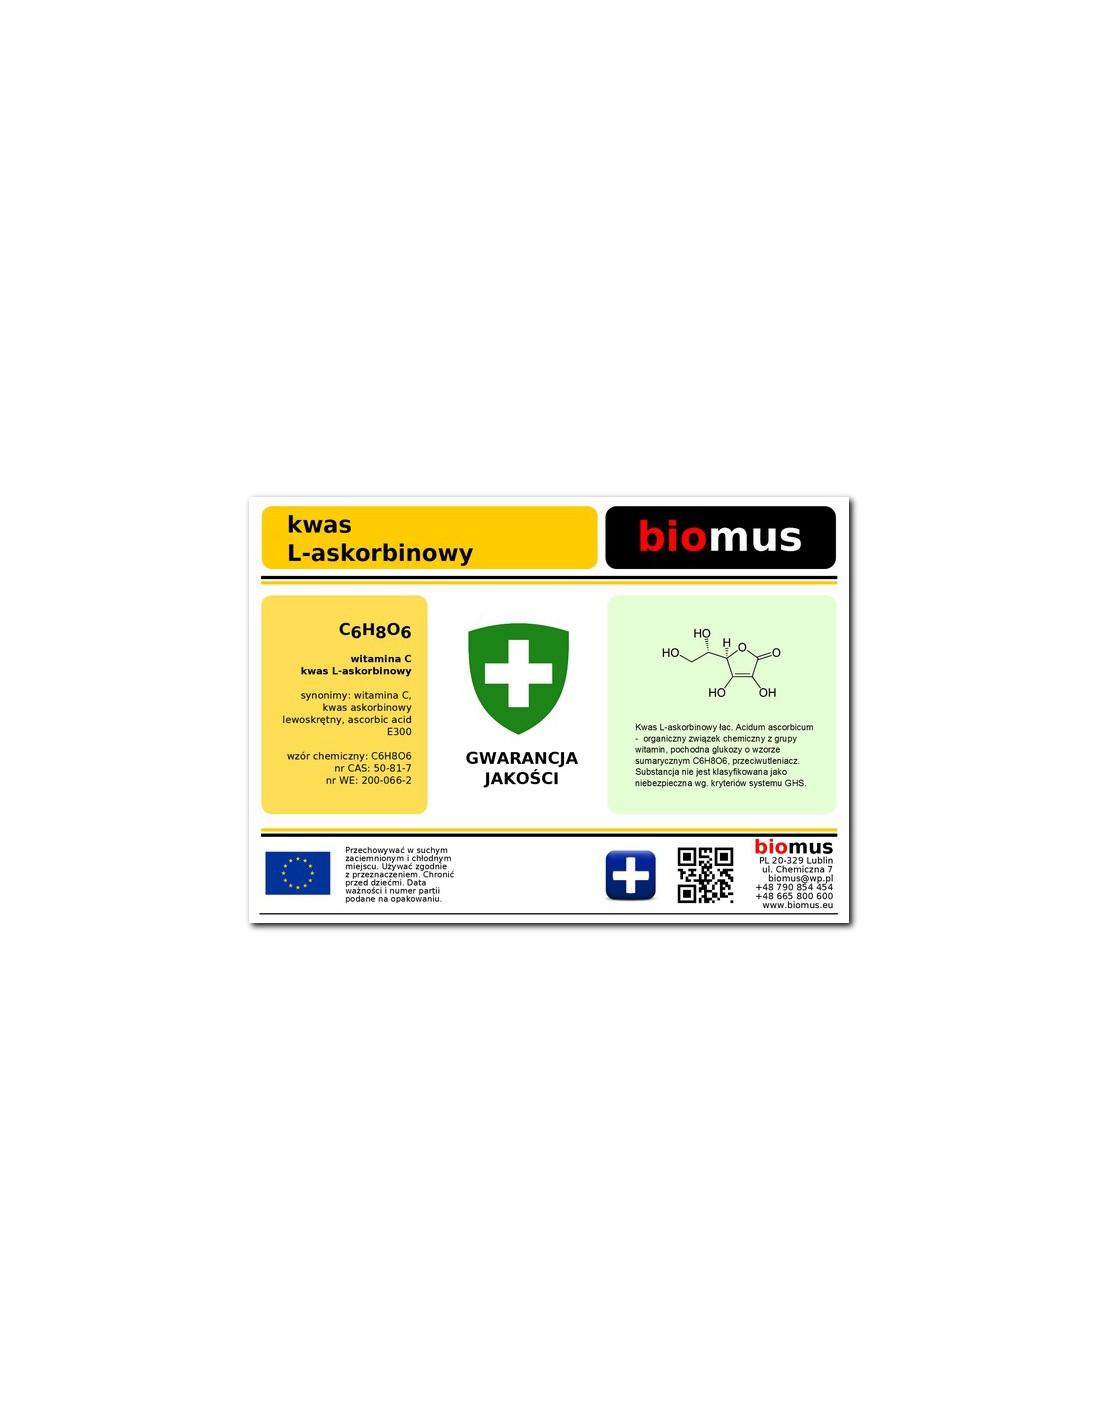 kwas-l-askorbinowy-witamina-c-1kg-biomus.jpg